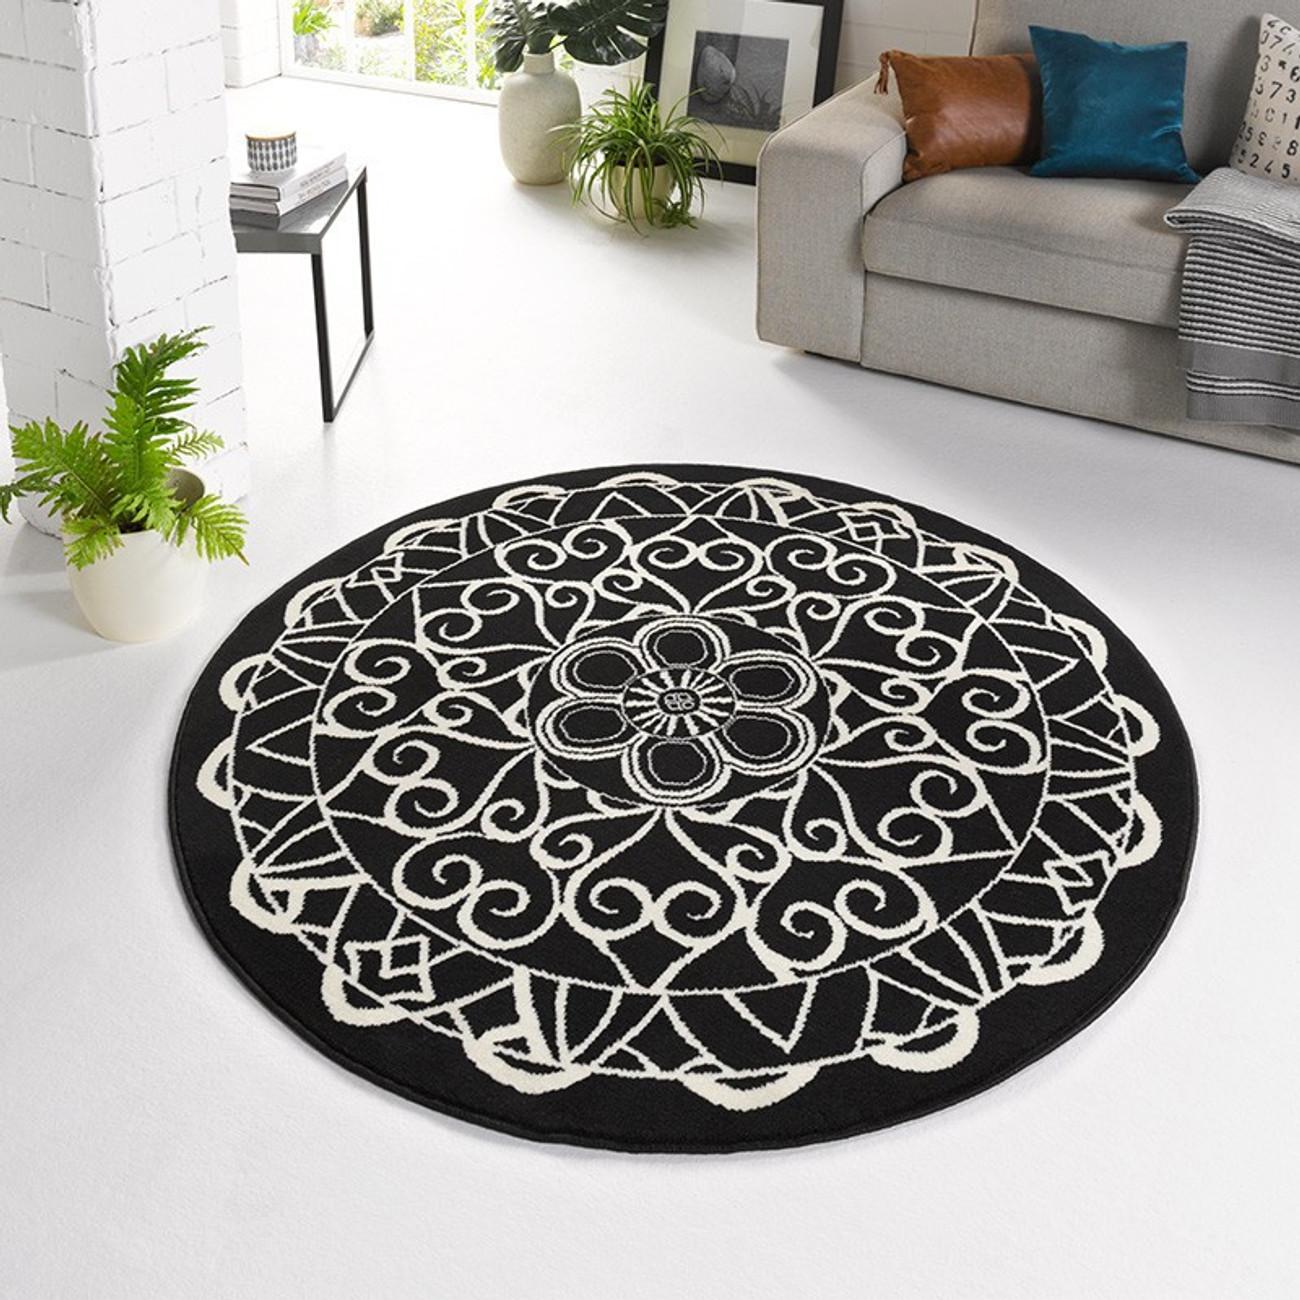 Teppich design rund  Designer Velours Teppich Mandala Schwarz Rund 140 cm Teppiche ...